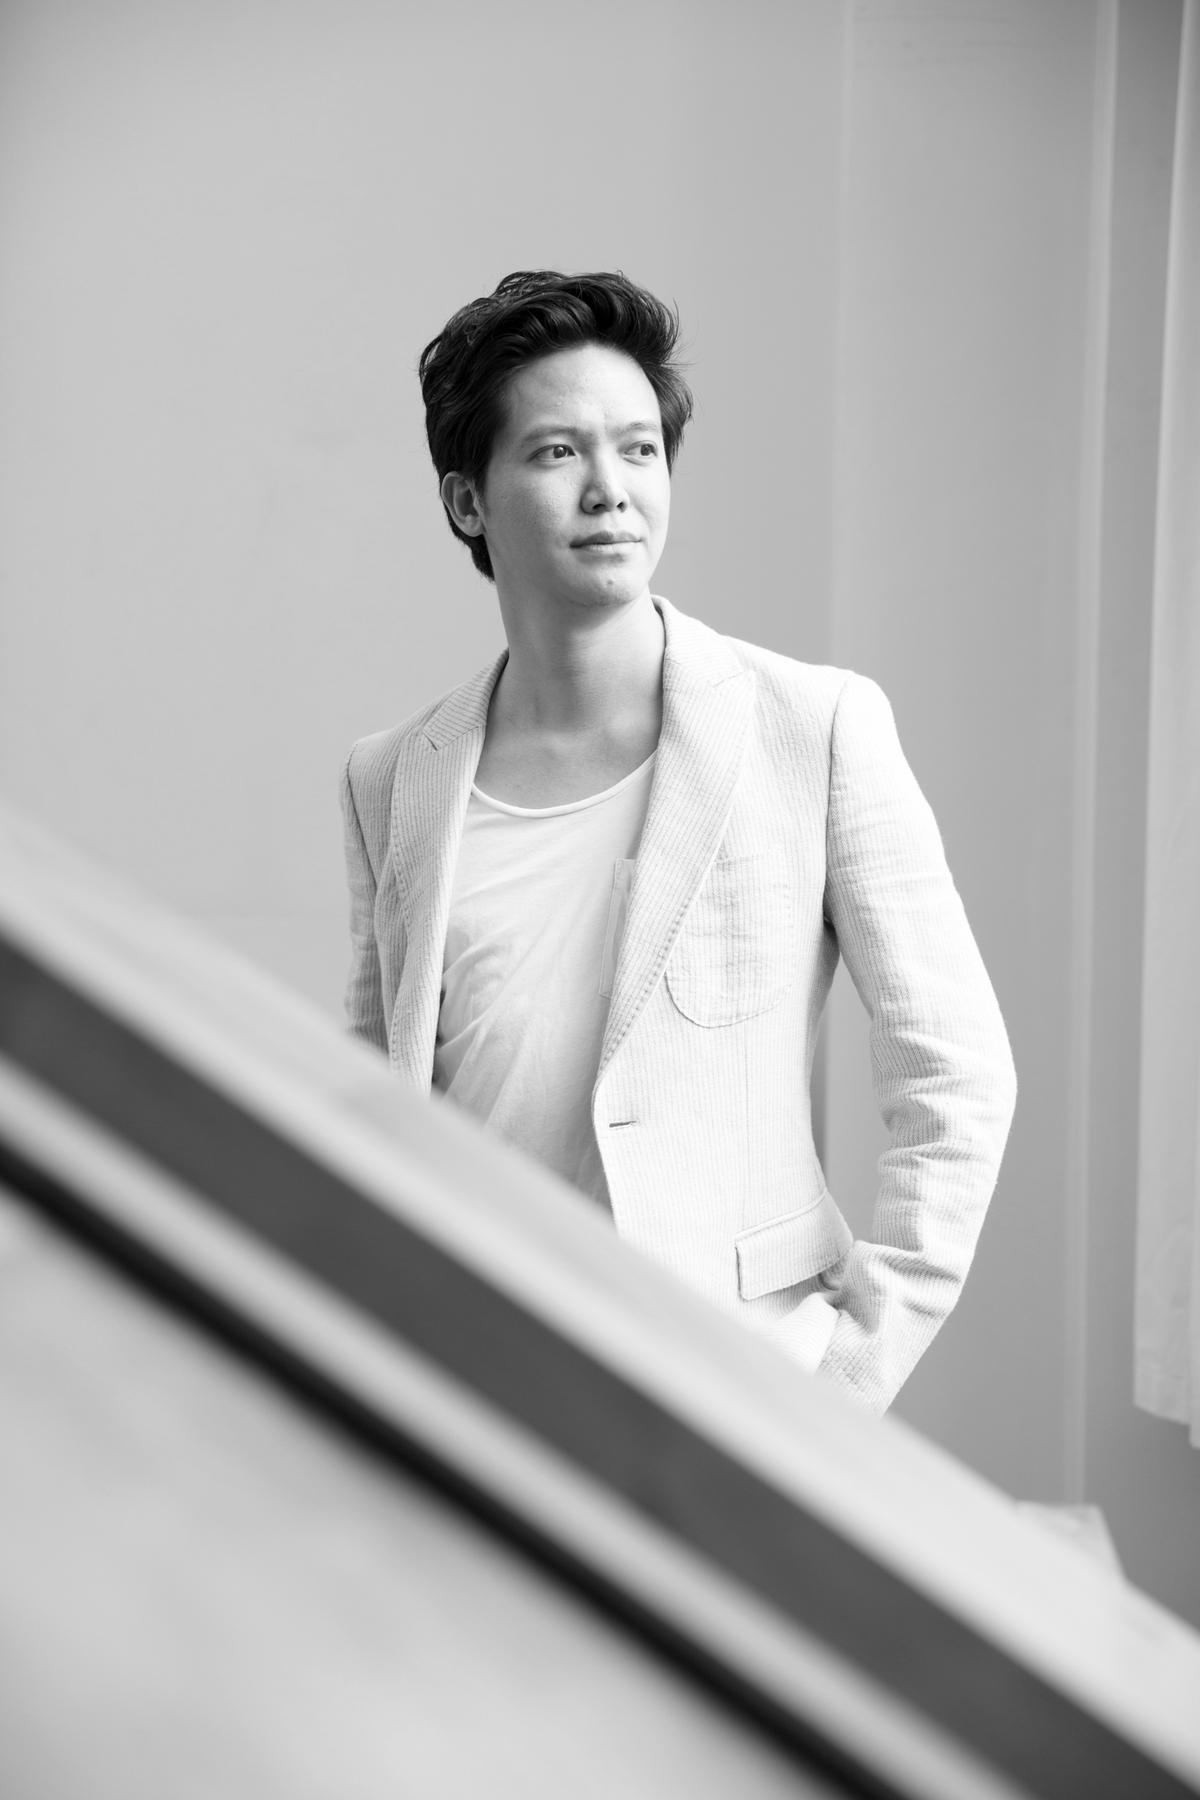 Michael Cheung